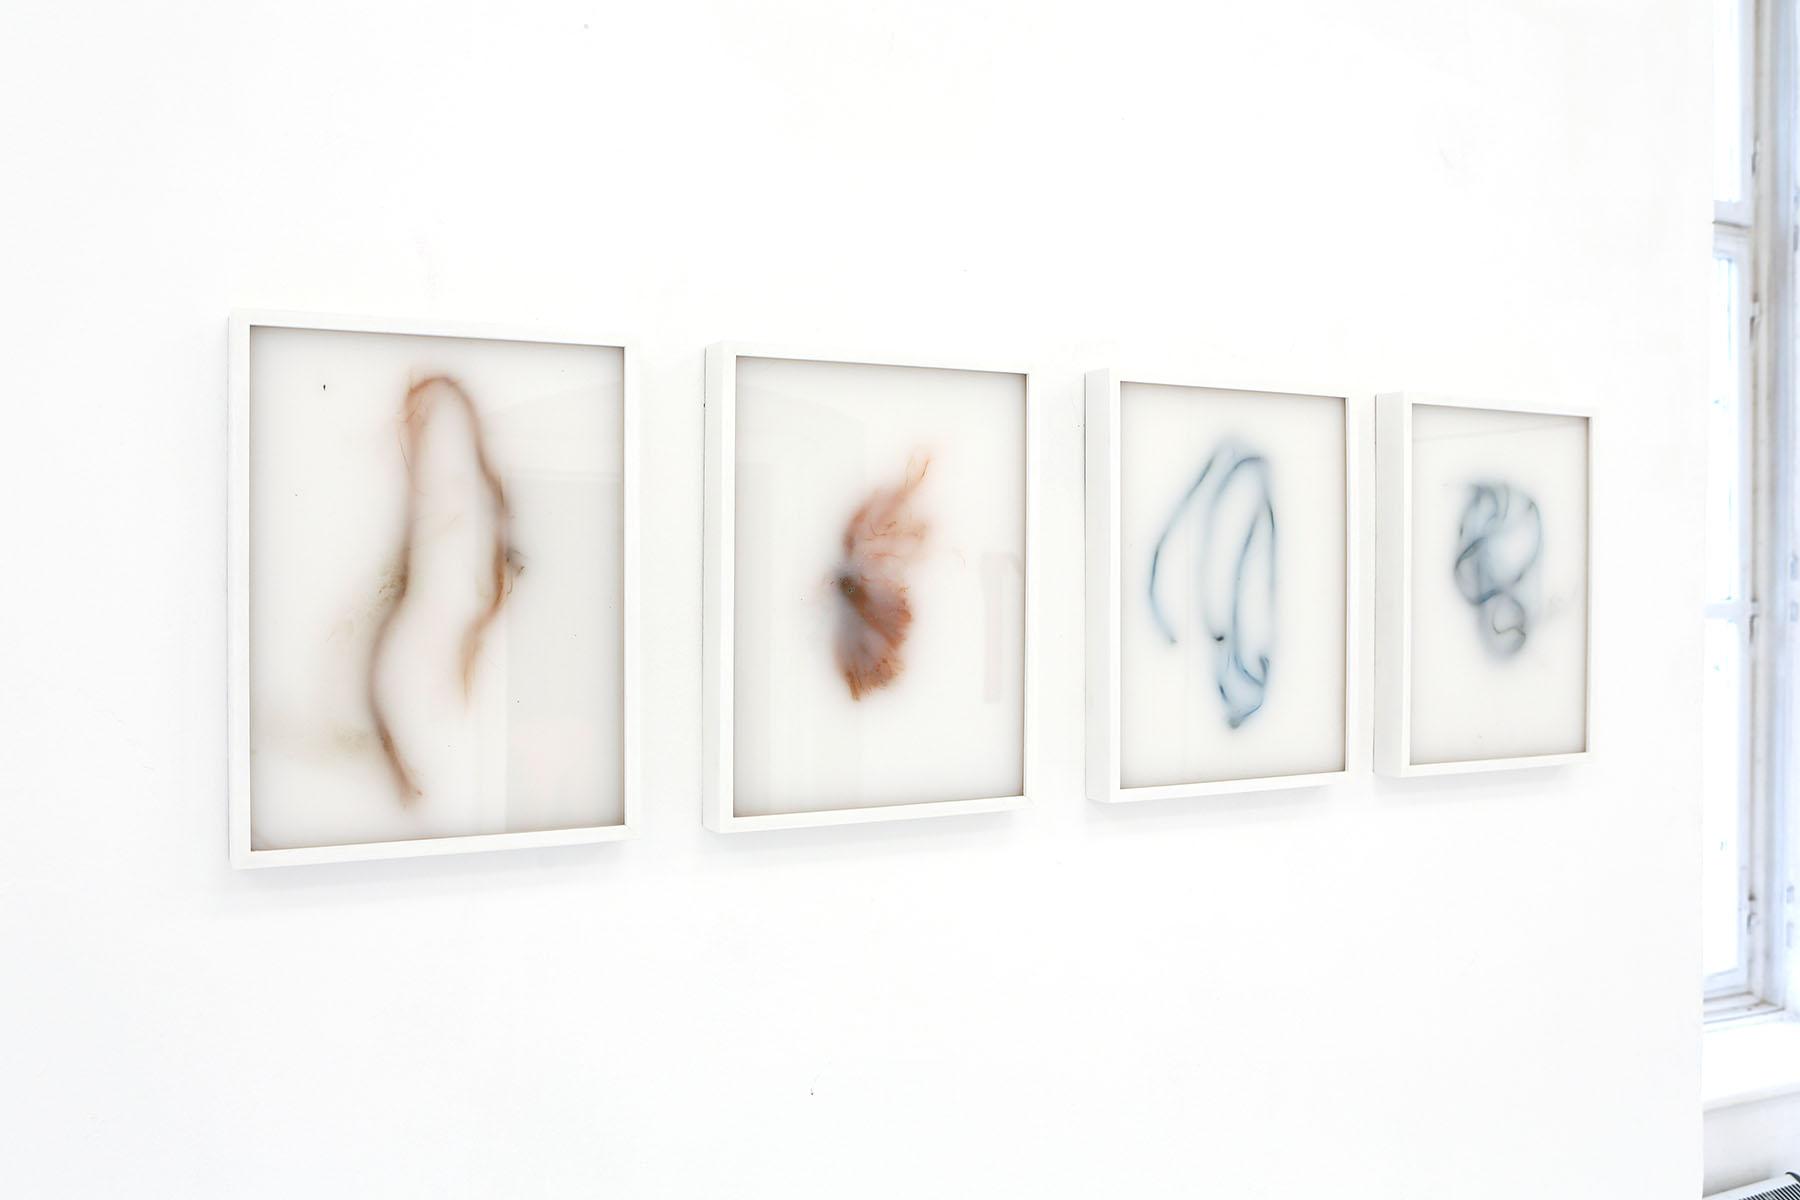 kunst-verein eisenstadt, current show, burgenland, austria, review